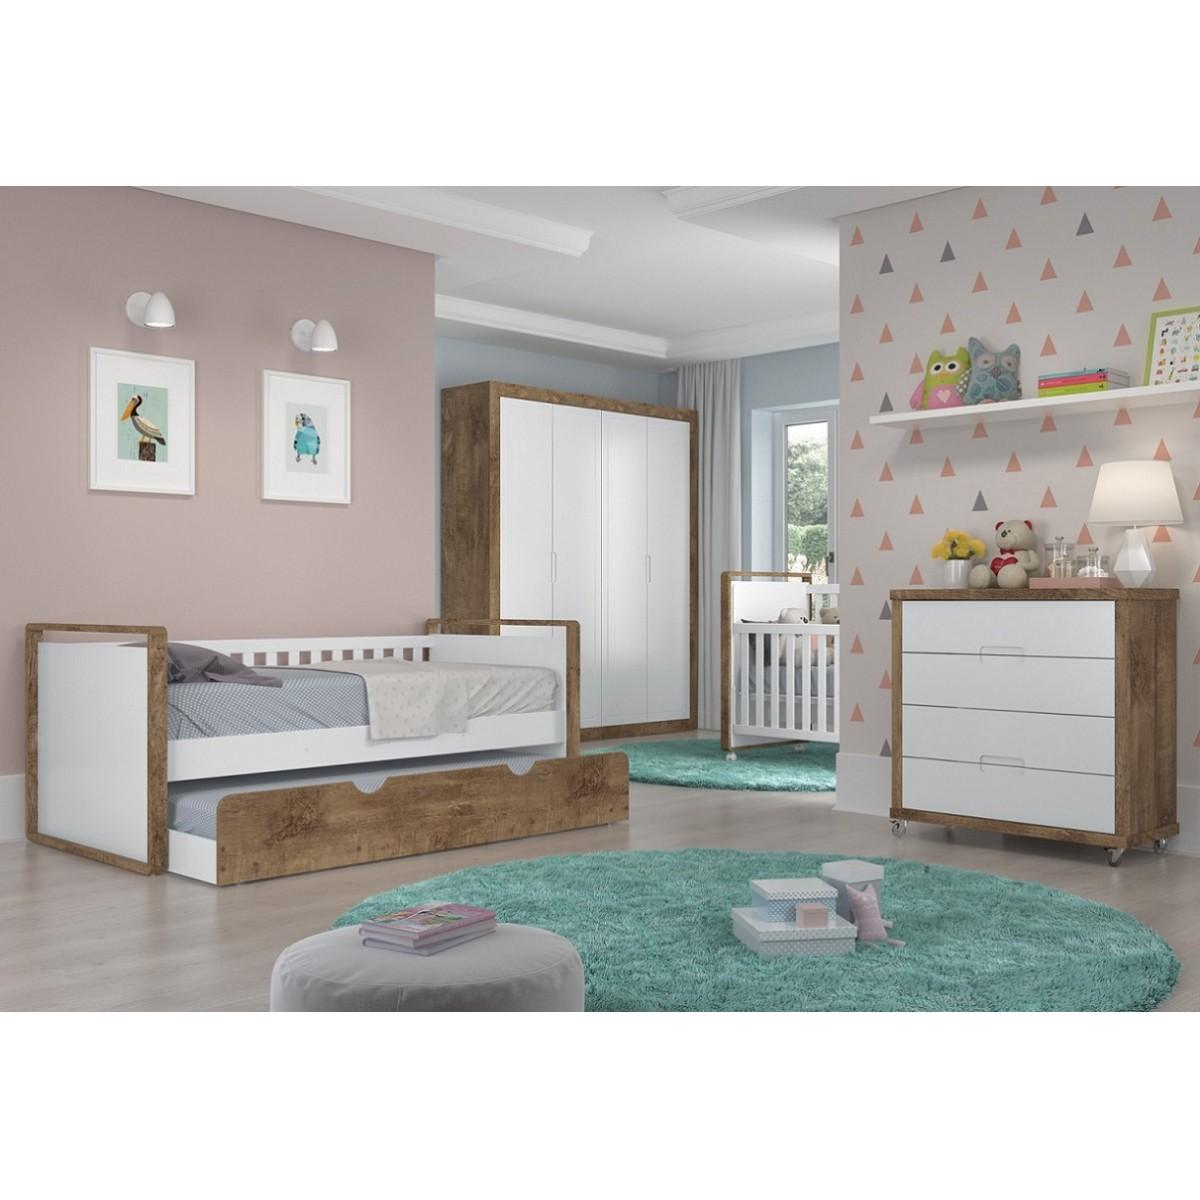 Quarto Completo Para Bebê Com Roupeiro 4 Portas + Cômoda + Cama Babá + Berço Mini Cama Tutto New Matic